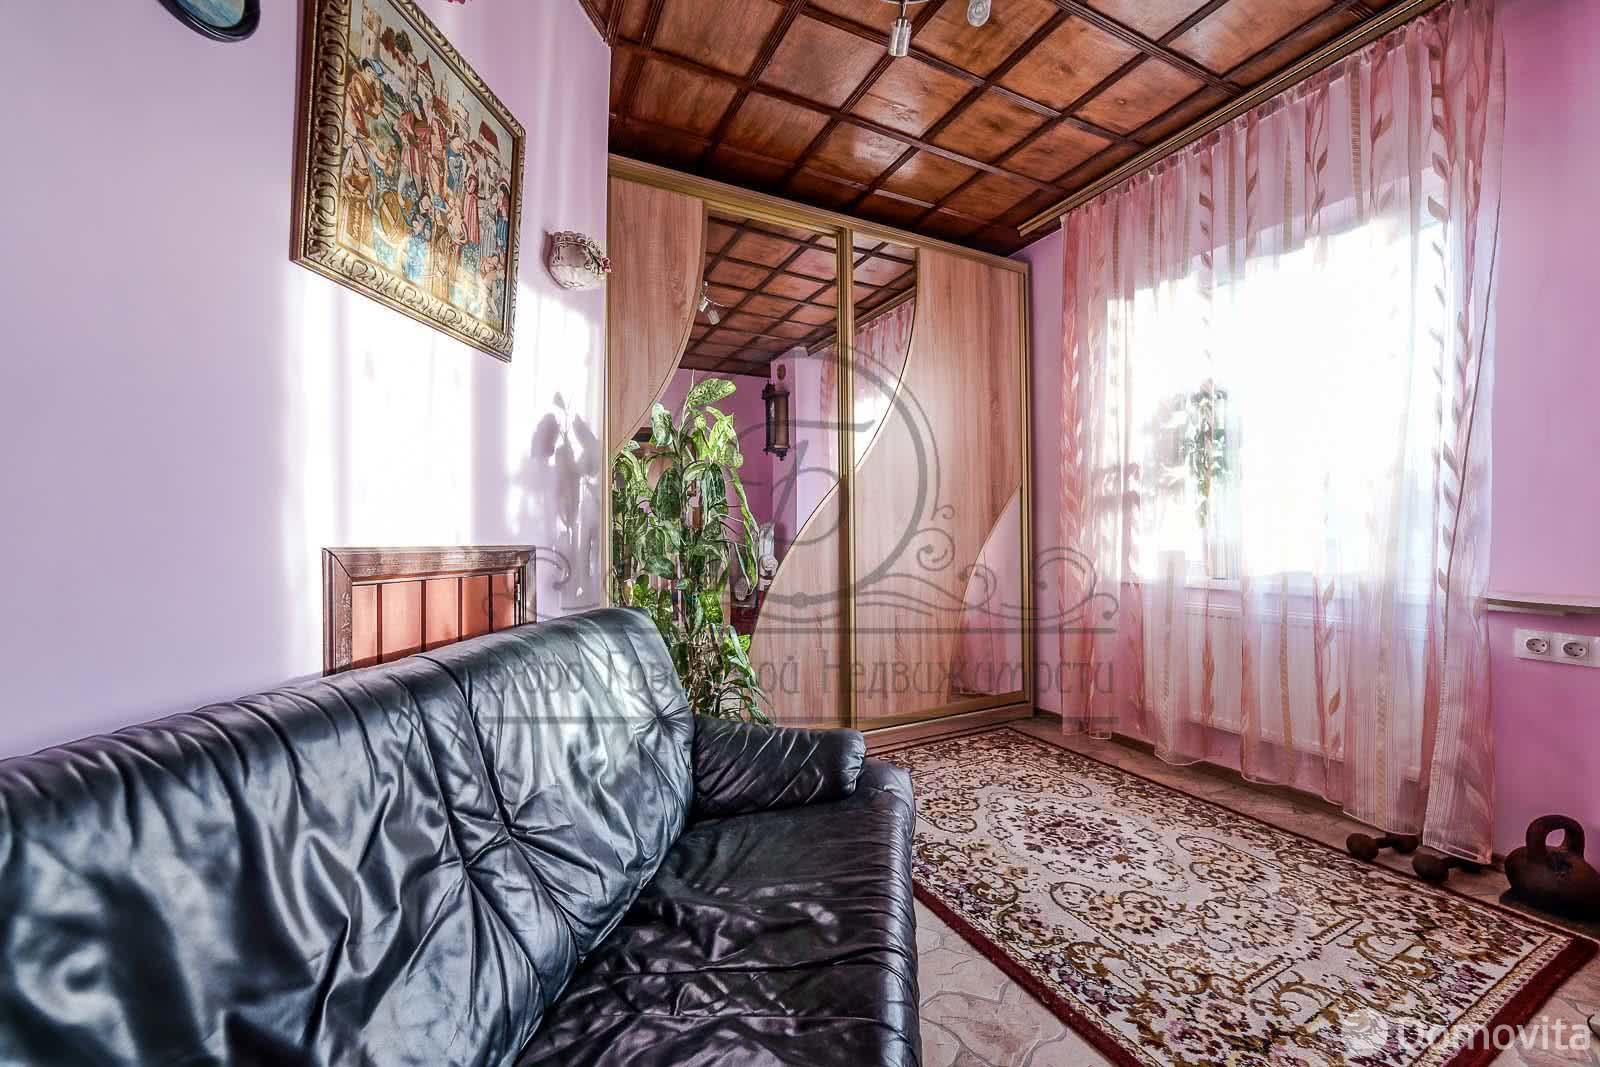 Аренда 2-этажного дома в Ратомке, Минский район, - фото 3